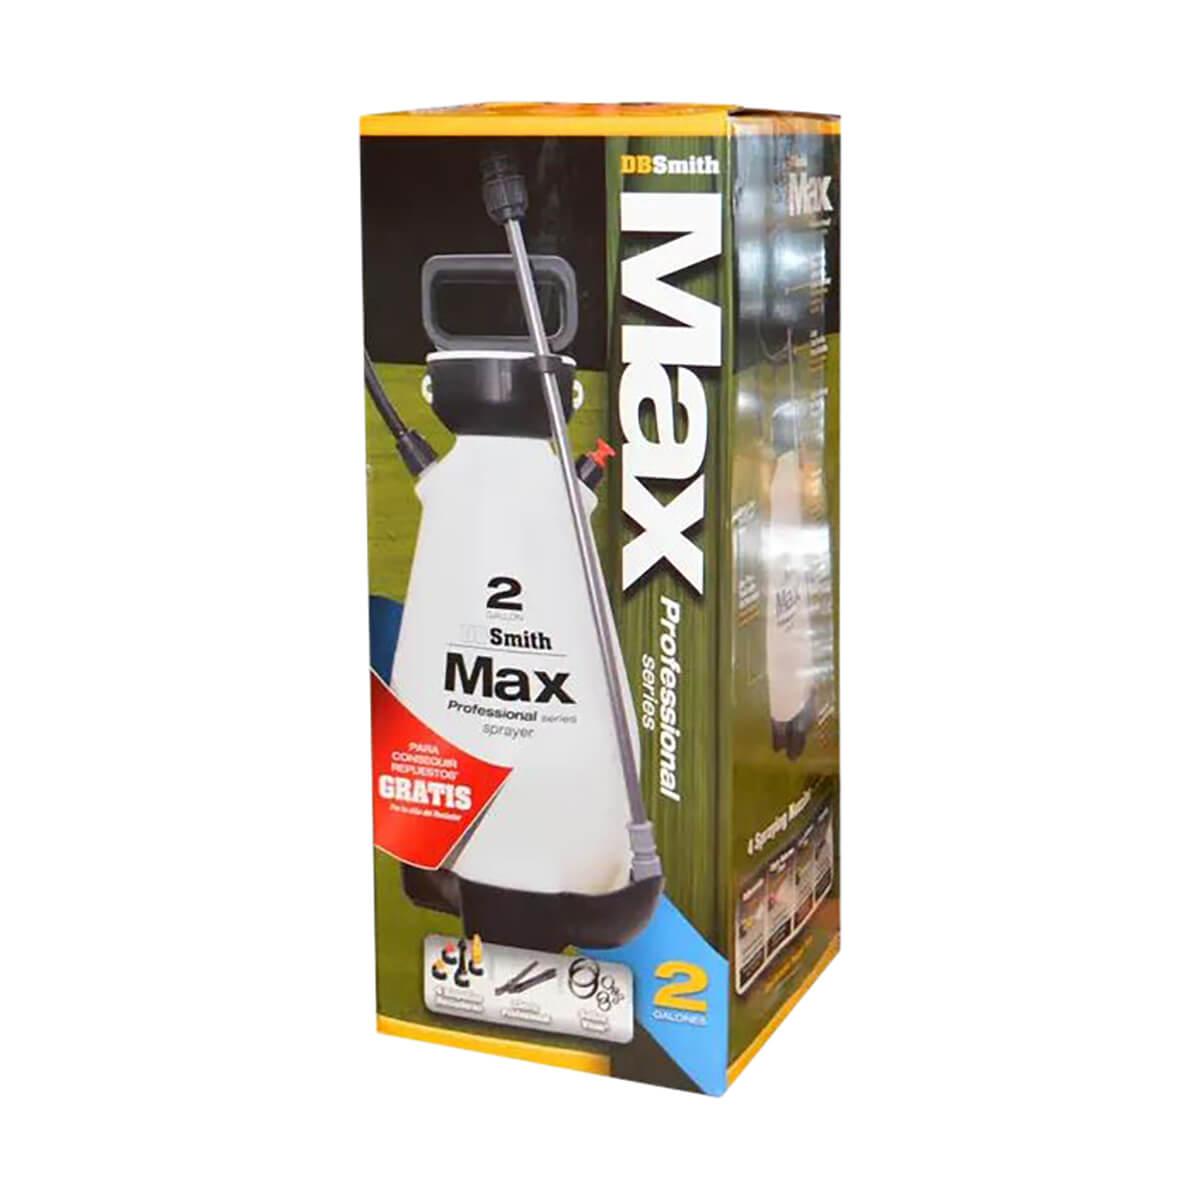 DB Smith Max Pro Compression Sprayer - 2 Gallon